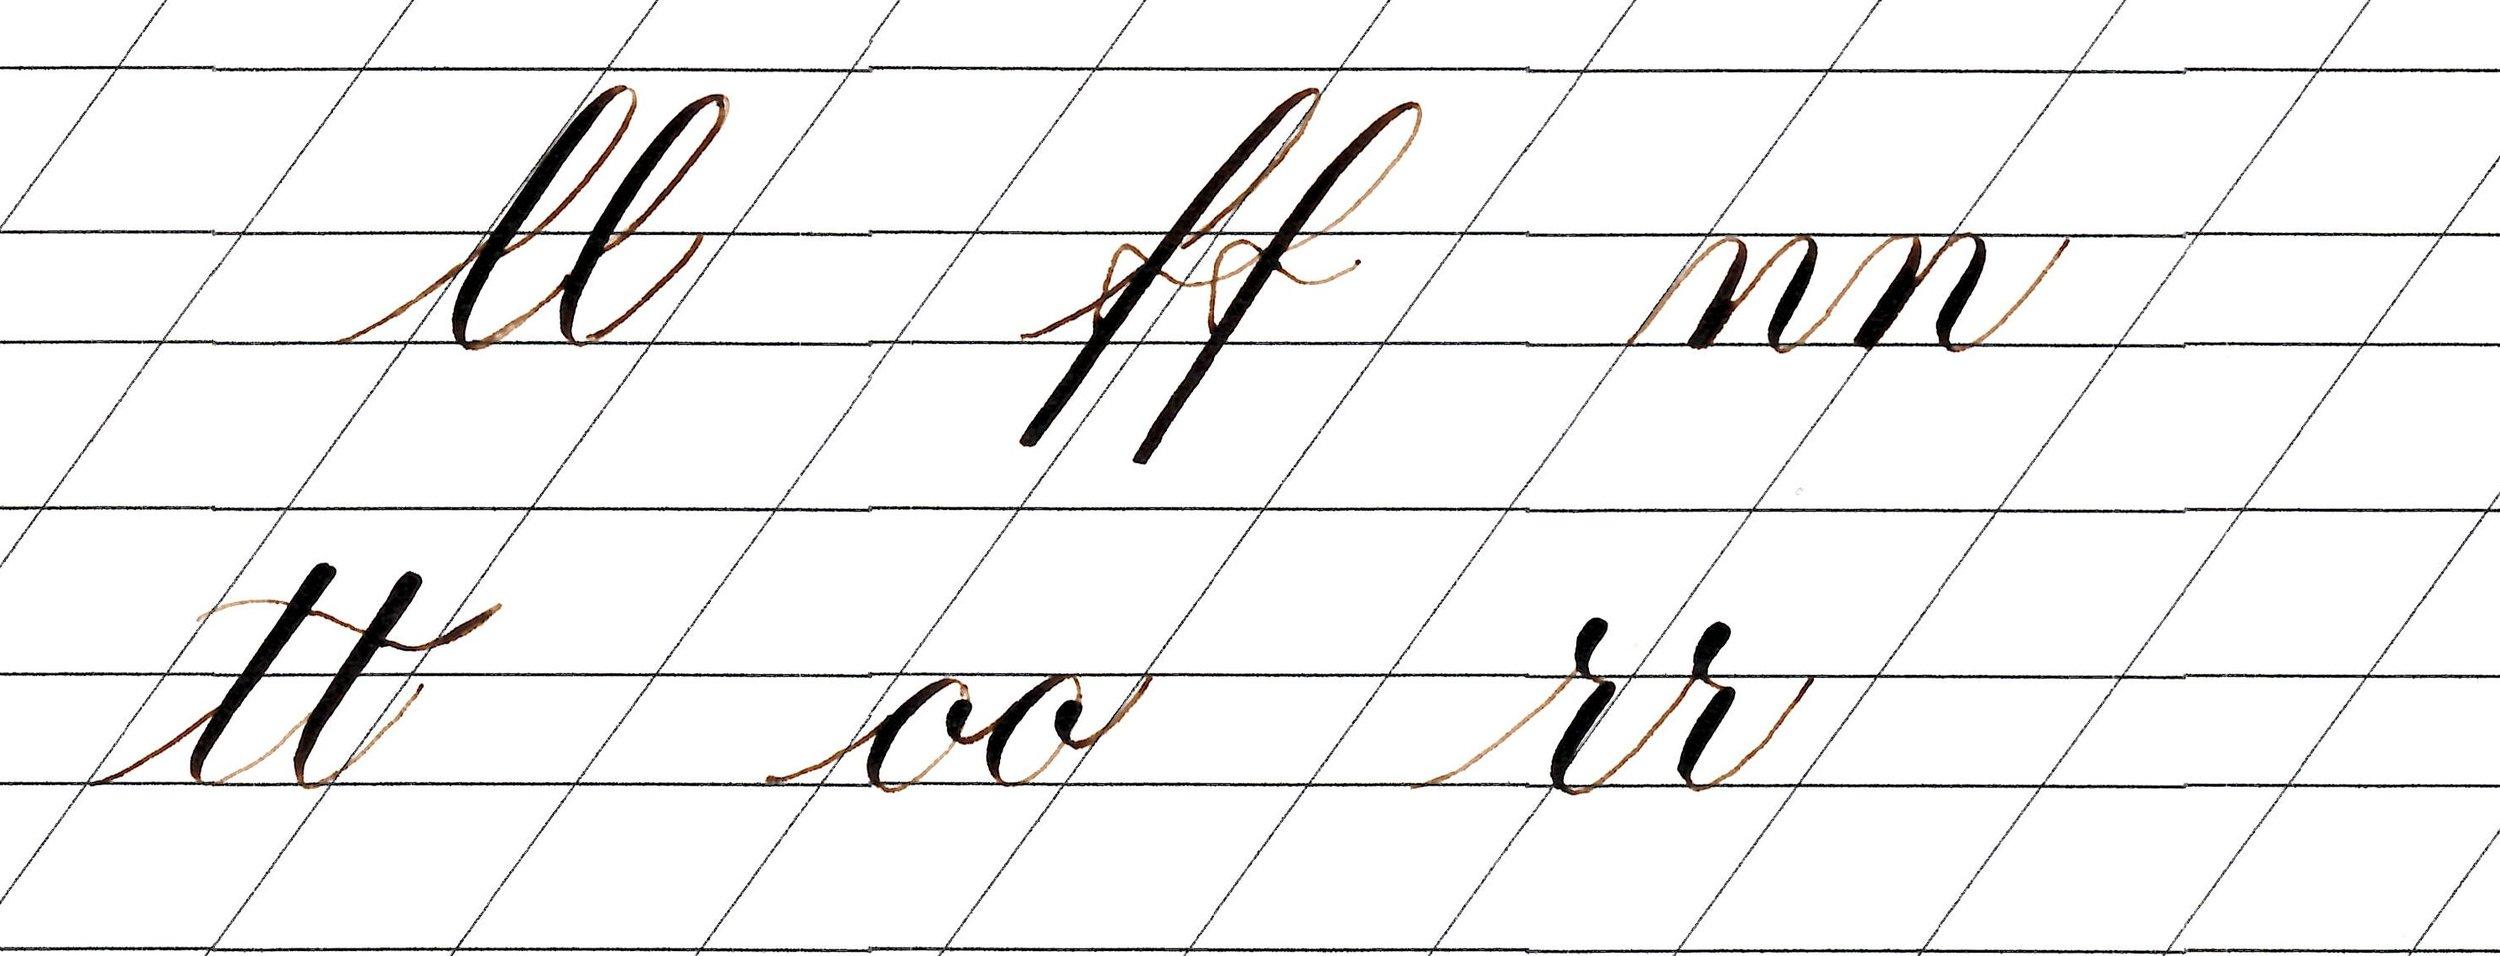 double letters.jpg